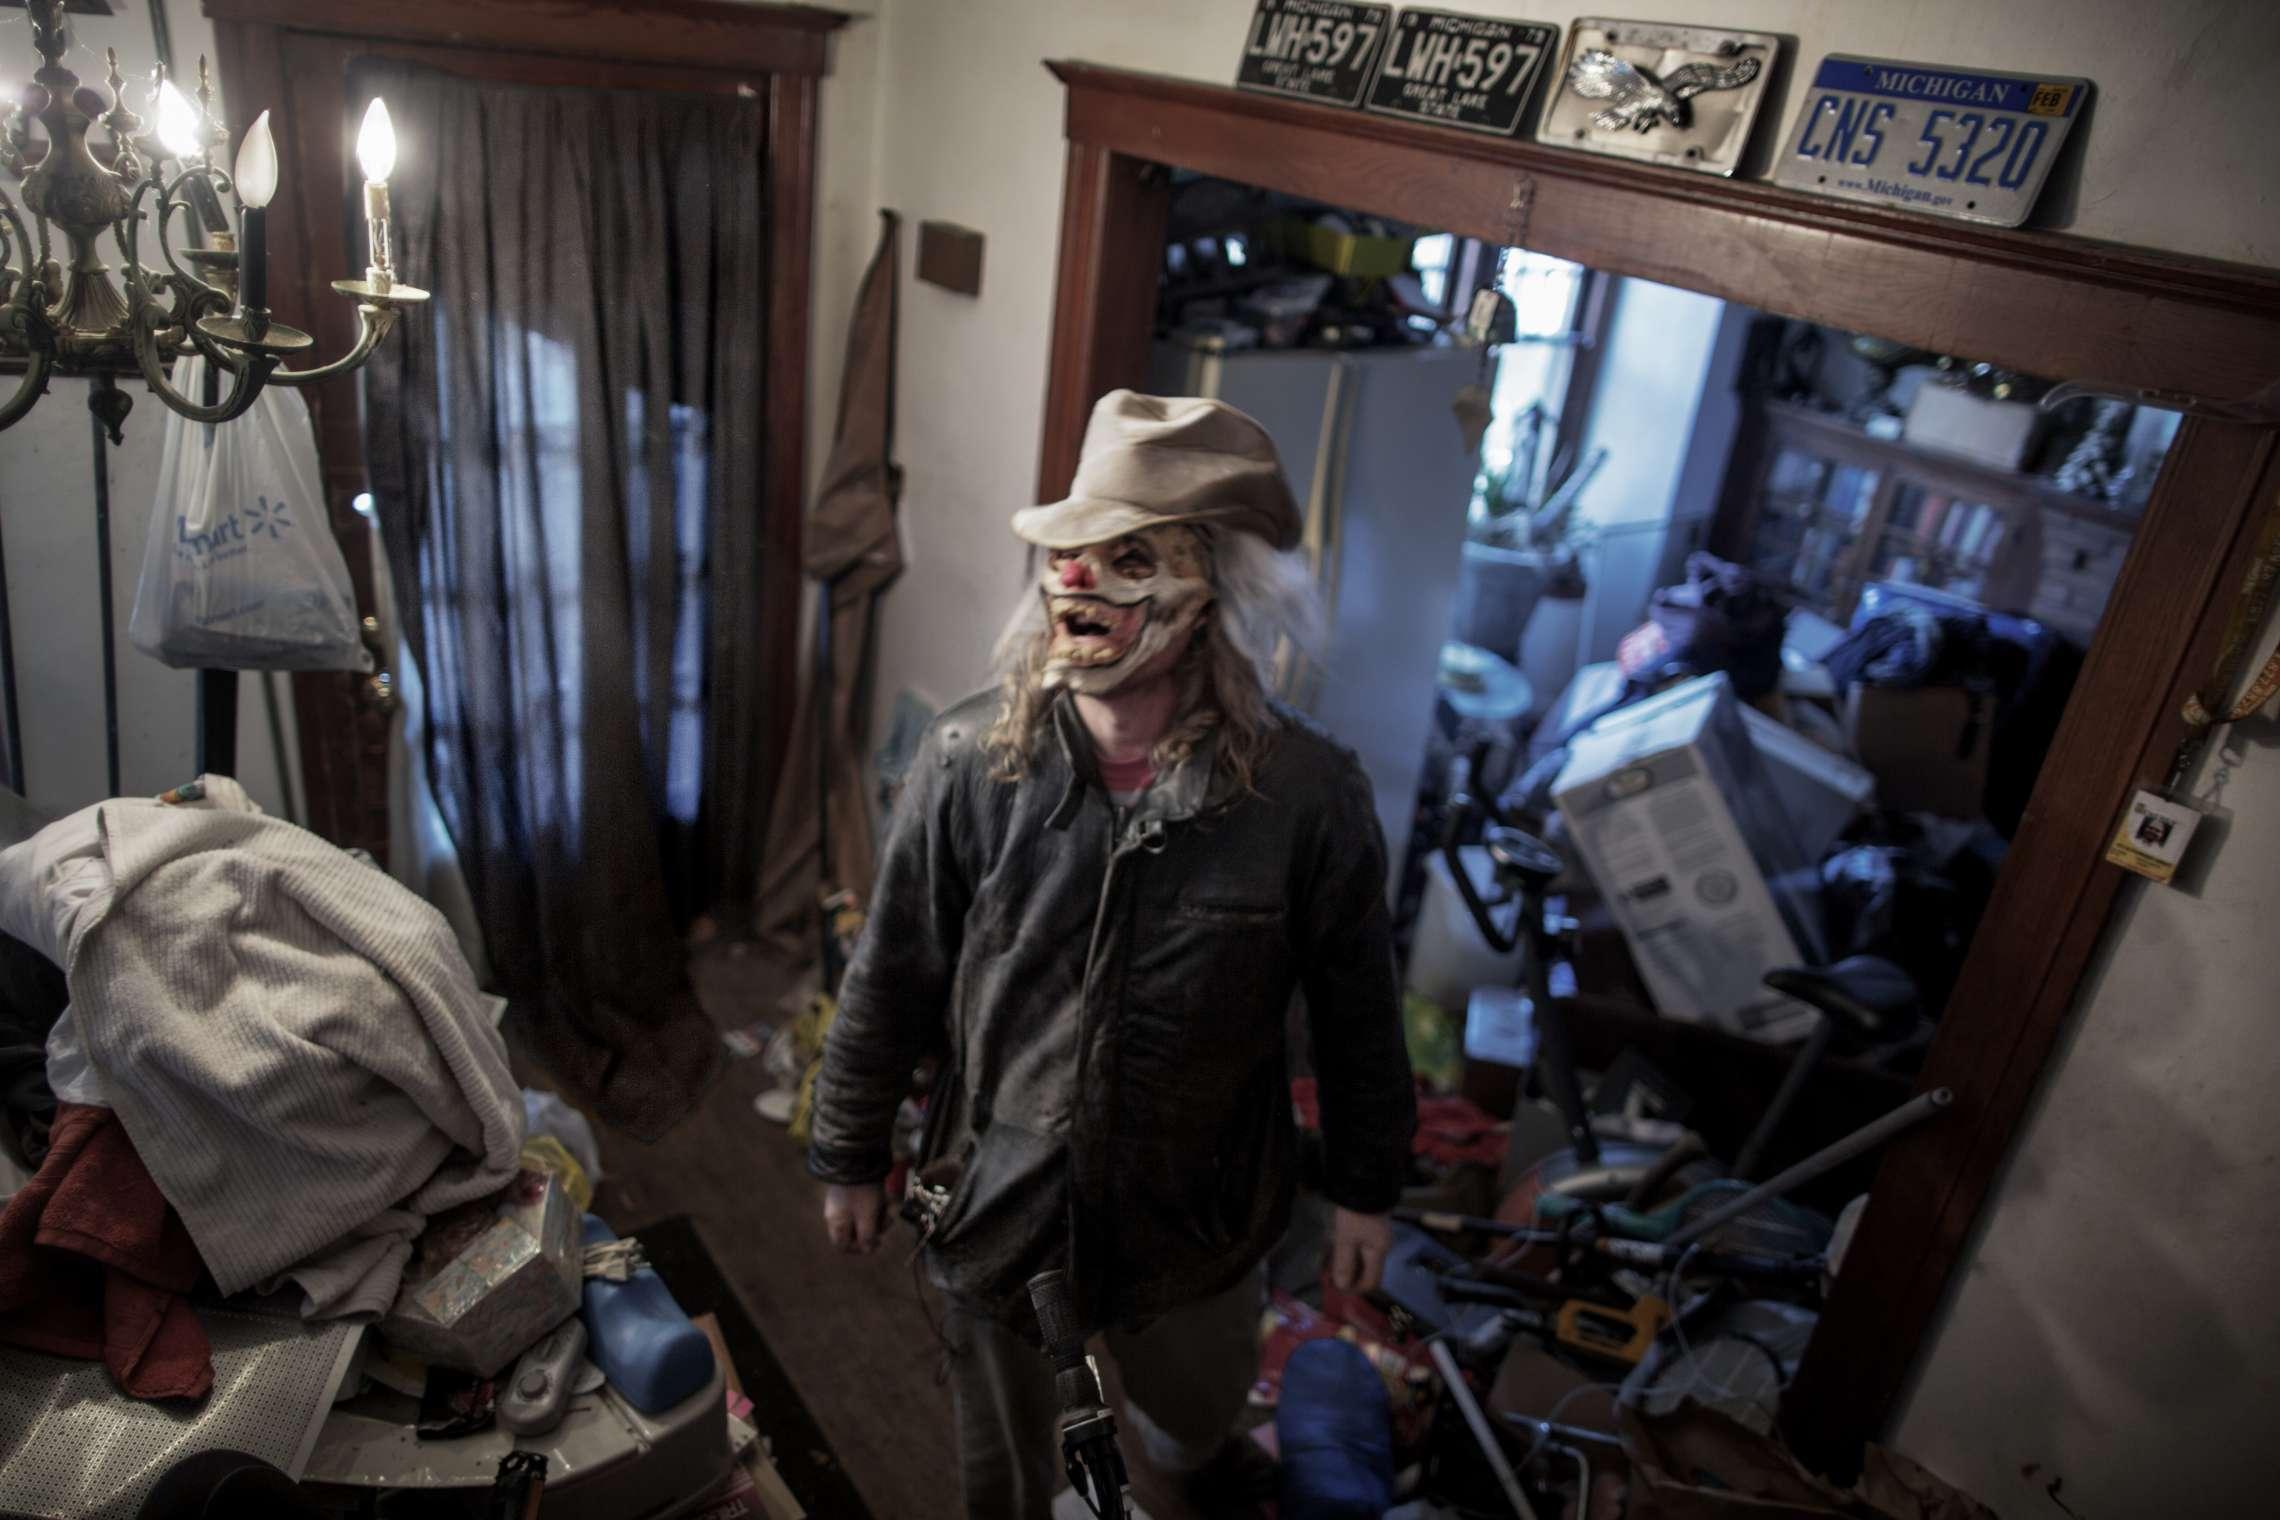 """00619 08. Dokumentar utland 13.11.2015 05/10 Rob """"Budd"""" Robert Borduin kjøper opp tomme boliger og andre bygninger på auksjon for rundt 4.000 kroner stykket. Deretter reparerer han de mest prekære skadene, før han leier de ut til folk som trenger et sted å bo for en billig penge. Hjemme i sitt eget hus samler han på alt som kan komme til nytte så boligen er kaotisk. Detroit var stedet hvor middelklassen ble skapt, mye takket være bilindustrien med Ford og General Motors i spissen. Hundretusener flyttet til byen, og den vokste raskt, og med gode lønninger og arbeid for alle, vokste forbruket. Men klasseskille, rasisme, opptøyer, korrupsjon og ikke minst stigende arbeidsledighet fra 1970-tallet førte til at mange forlot den en gang så pulserende byen. Tilbake sto tomme fabrikker, boliger, butikker, skoler, sykehus og andre offentlige bygninger. På begynnelsen av 1950-tallet bodde det over 1,8 millioner mennesker i Detroit, i dag rundt 700.000. I juli 2013 gikk byen konkurs, den største bykonkursen i amerikansk historie. Serien ble påbegynt i 2014 og avsluttet i 2015."""